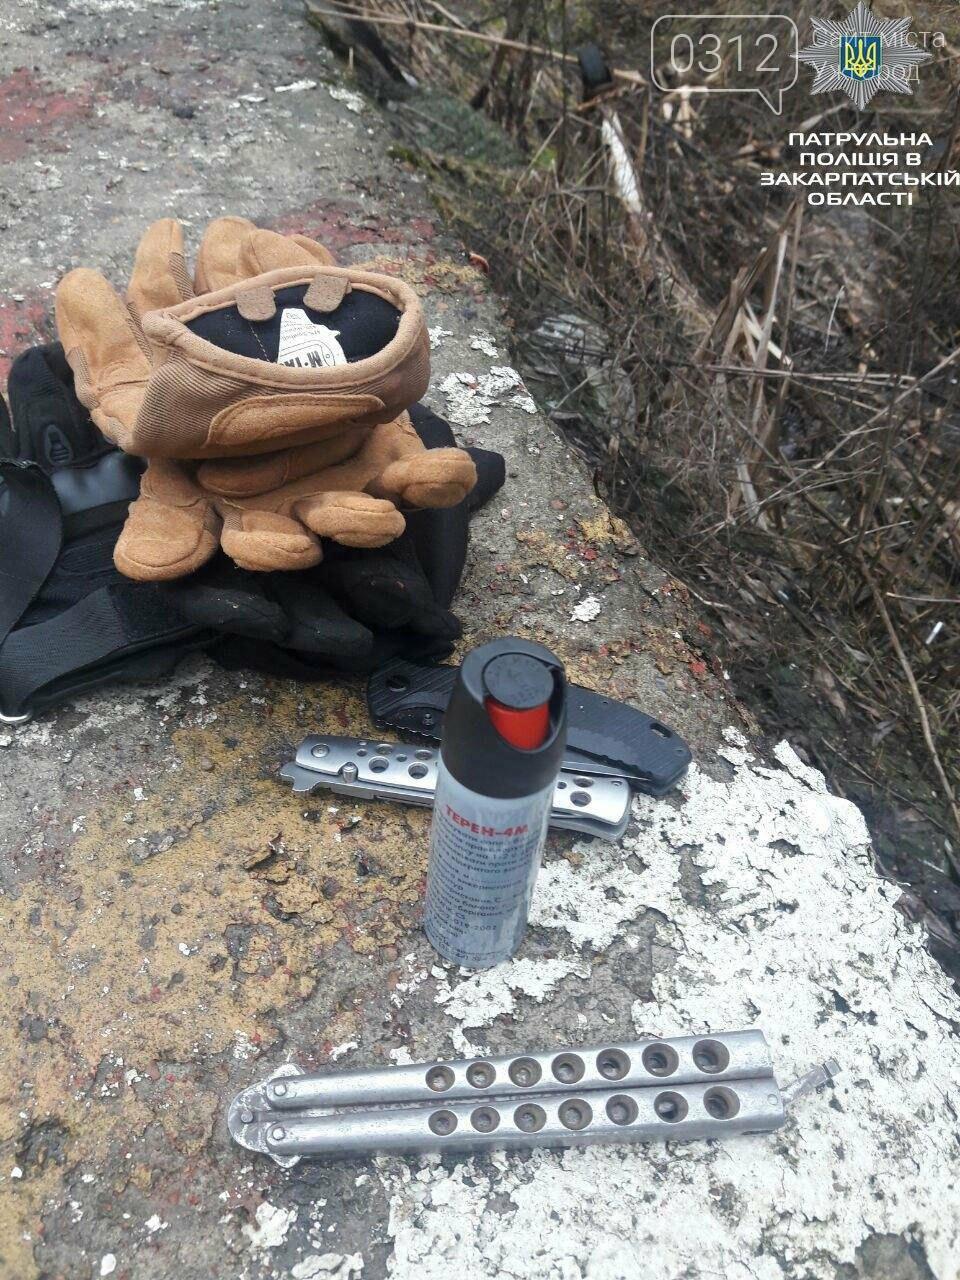 Три ножі, балаклава, кийок і терен: патрульні розповіли офіційні подробиці затримання трьох машин у Нижніх Воротах (ФОТО), фото-7